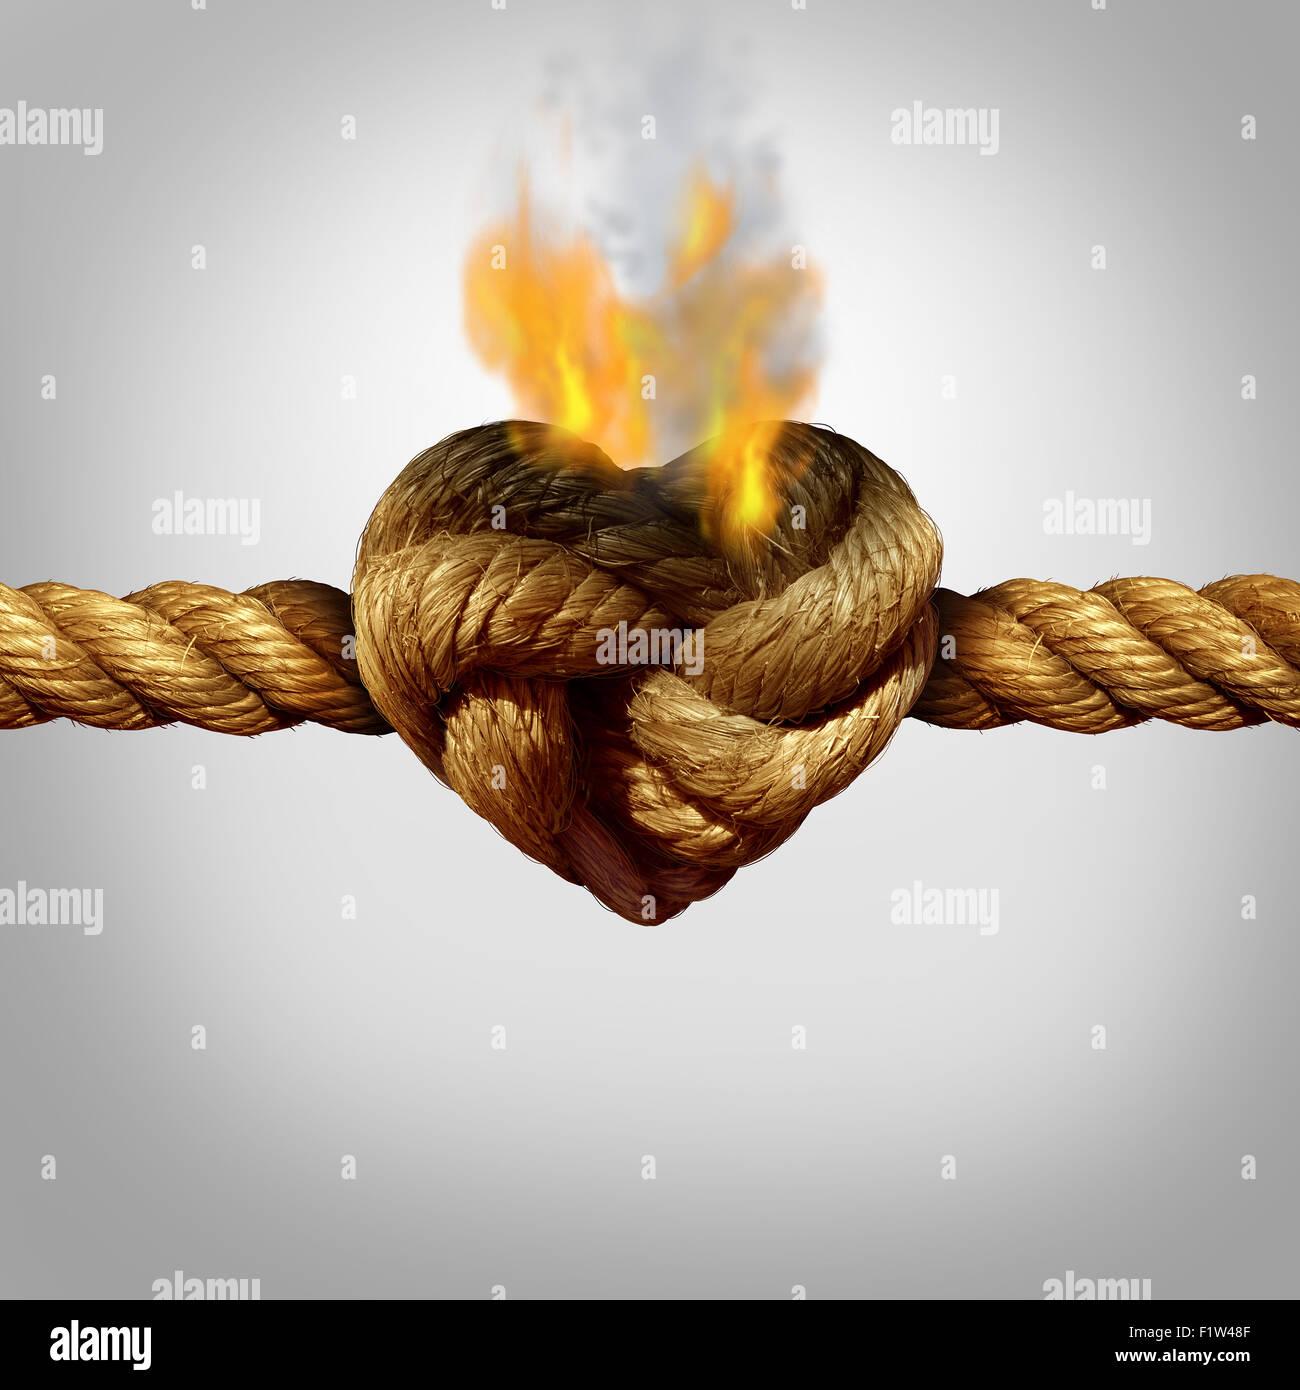 Il divorzio e il concetto di separazione come una corda con un nodo di masterizzazione conformata come un amore Immagini Stock